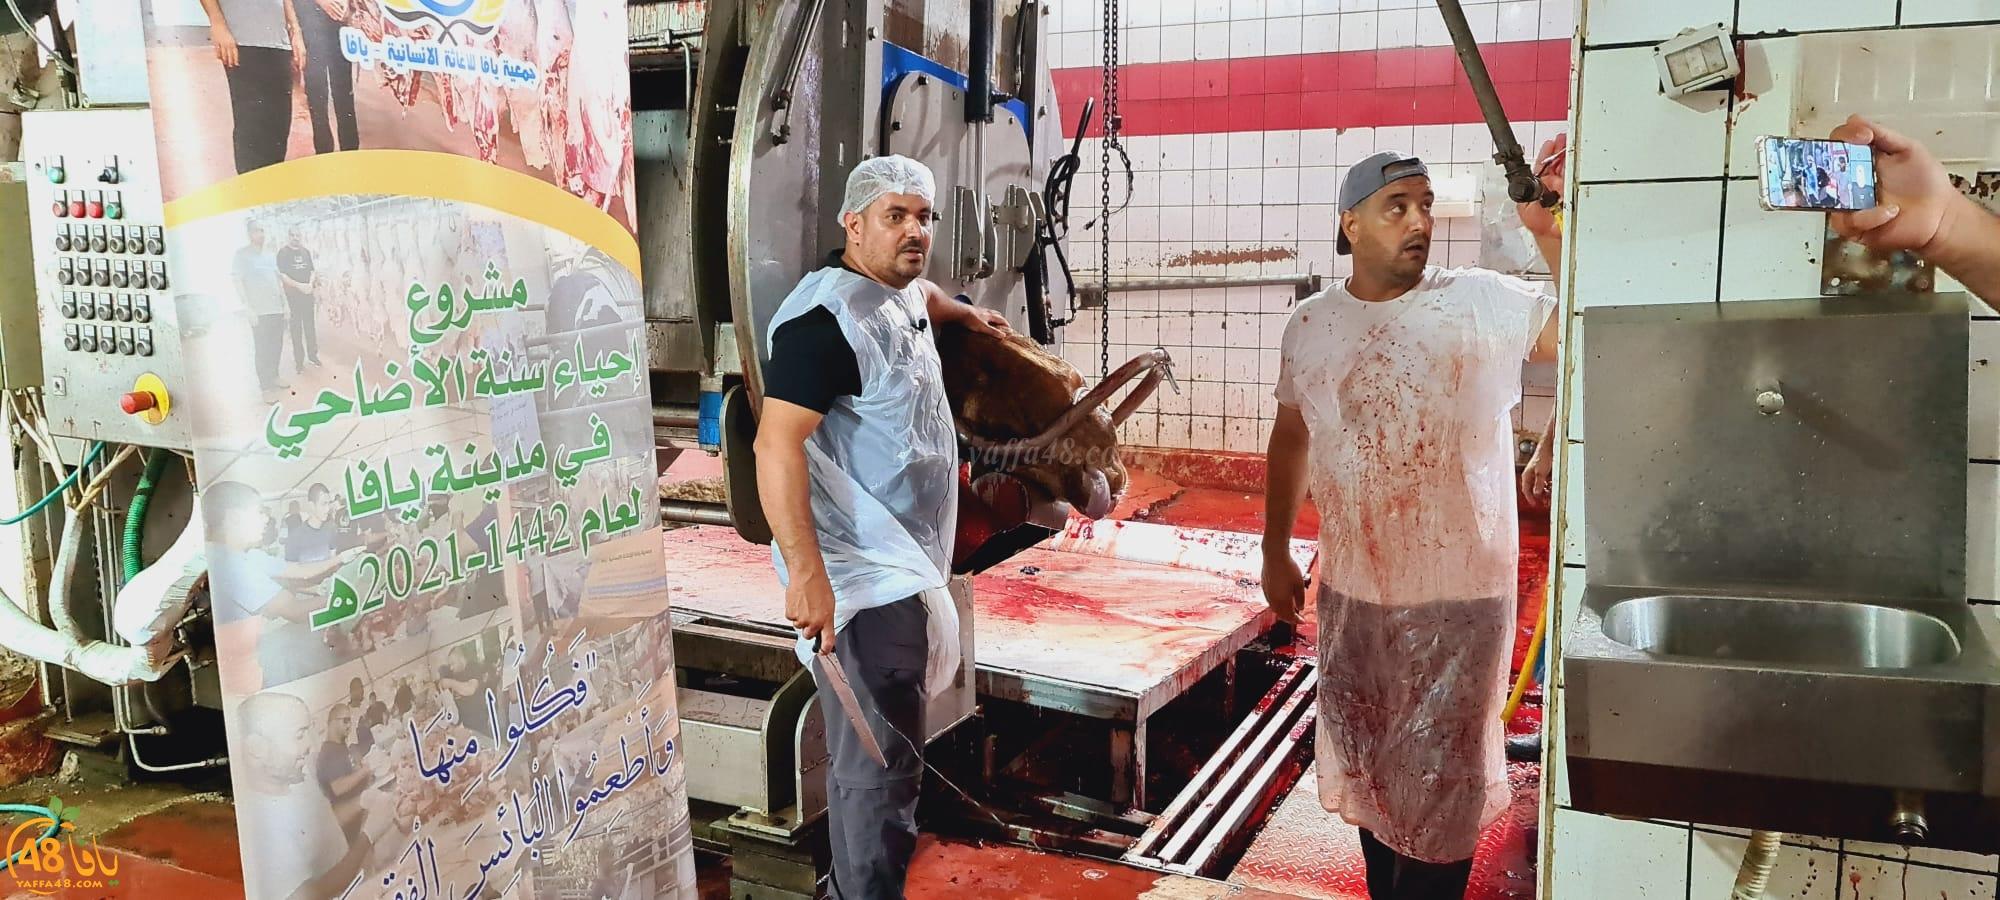 فيديو: جمعية يافا تُنهي ذبح أضاحي مدينة يافا 30 عجلاً